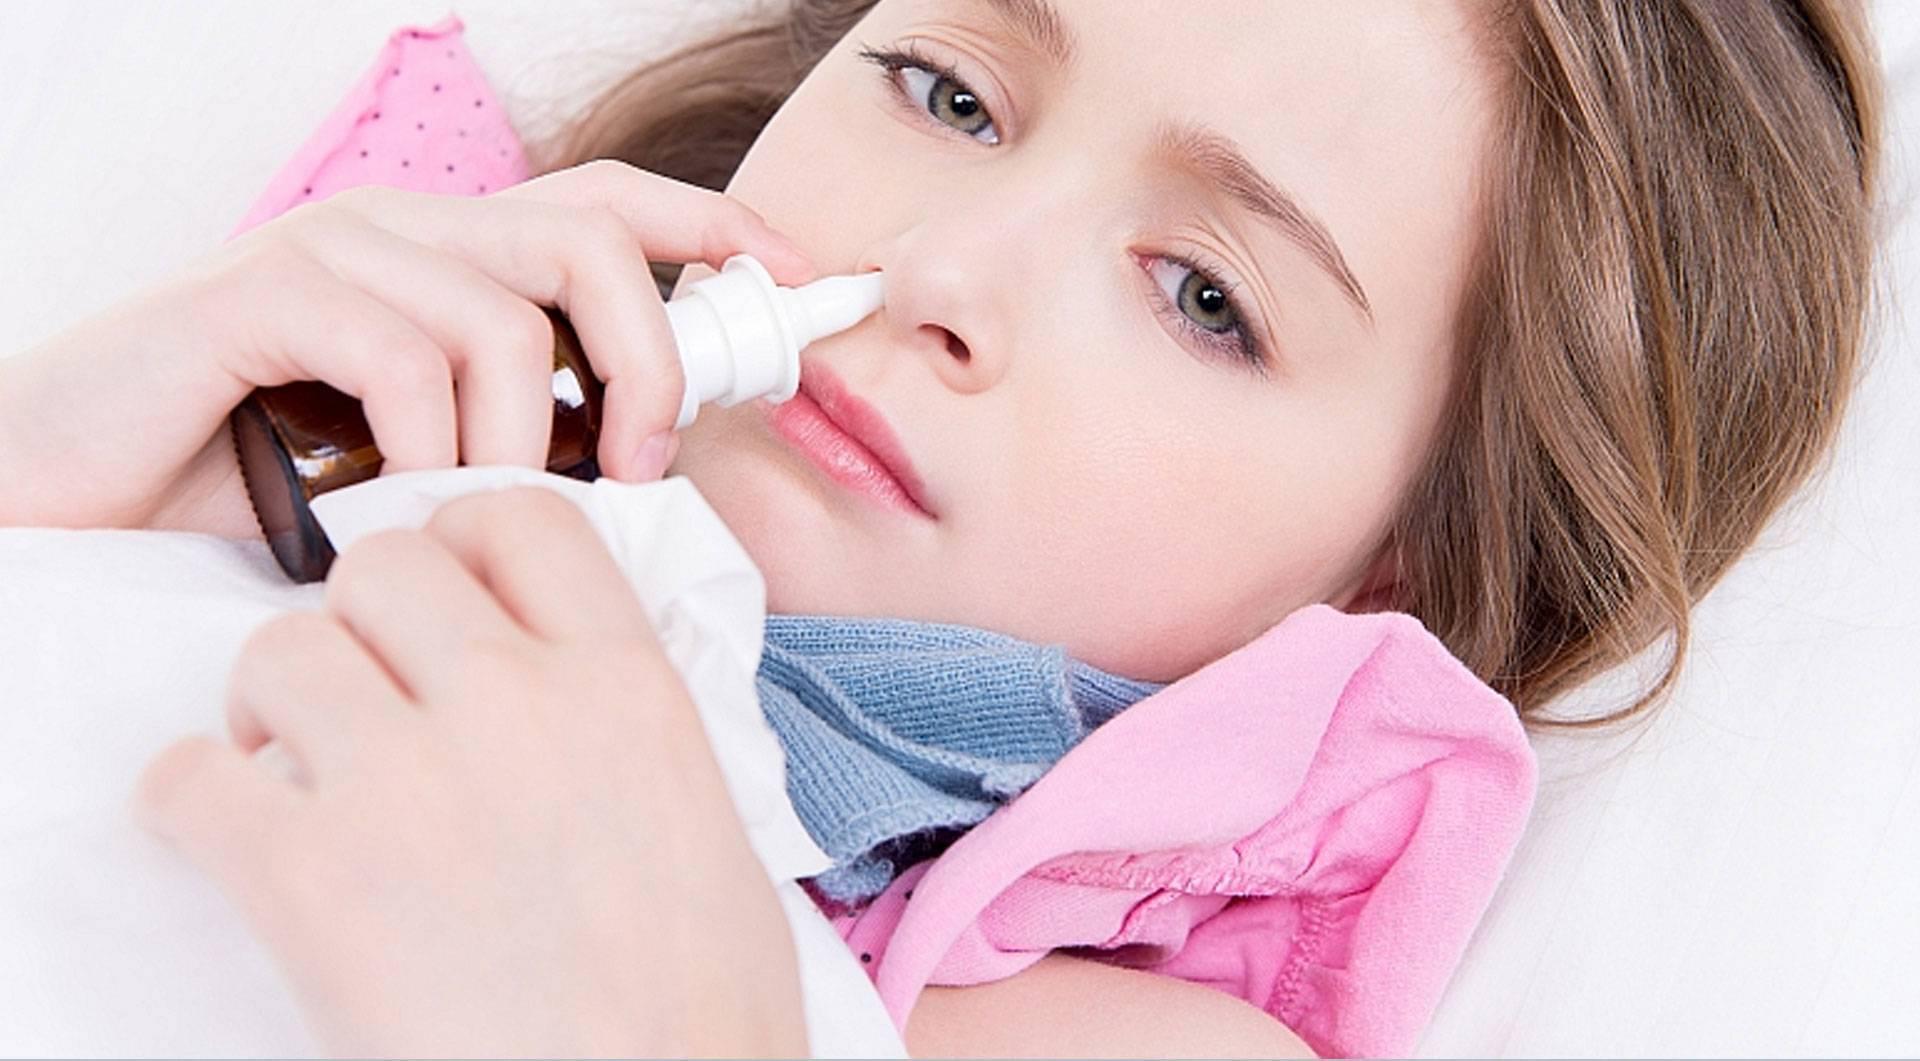 Чем лечить насморк и заложенность носа при беременности?. как вылечить насморк быстро: 6 средств от заложенности носа.